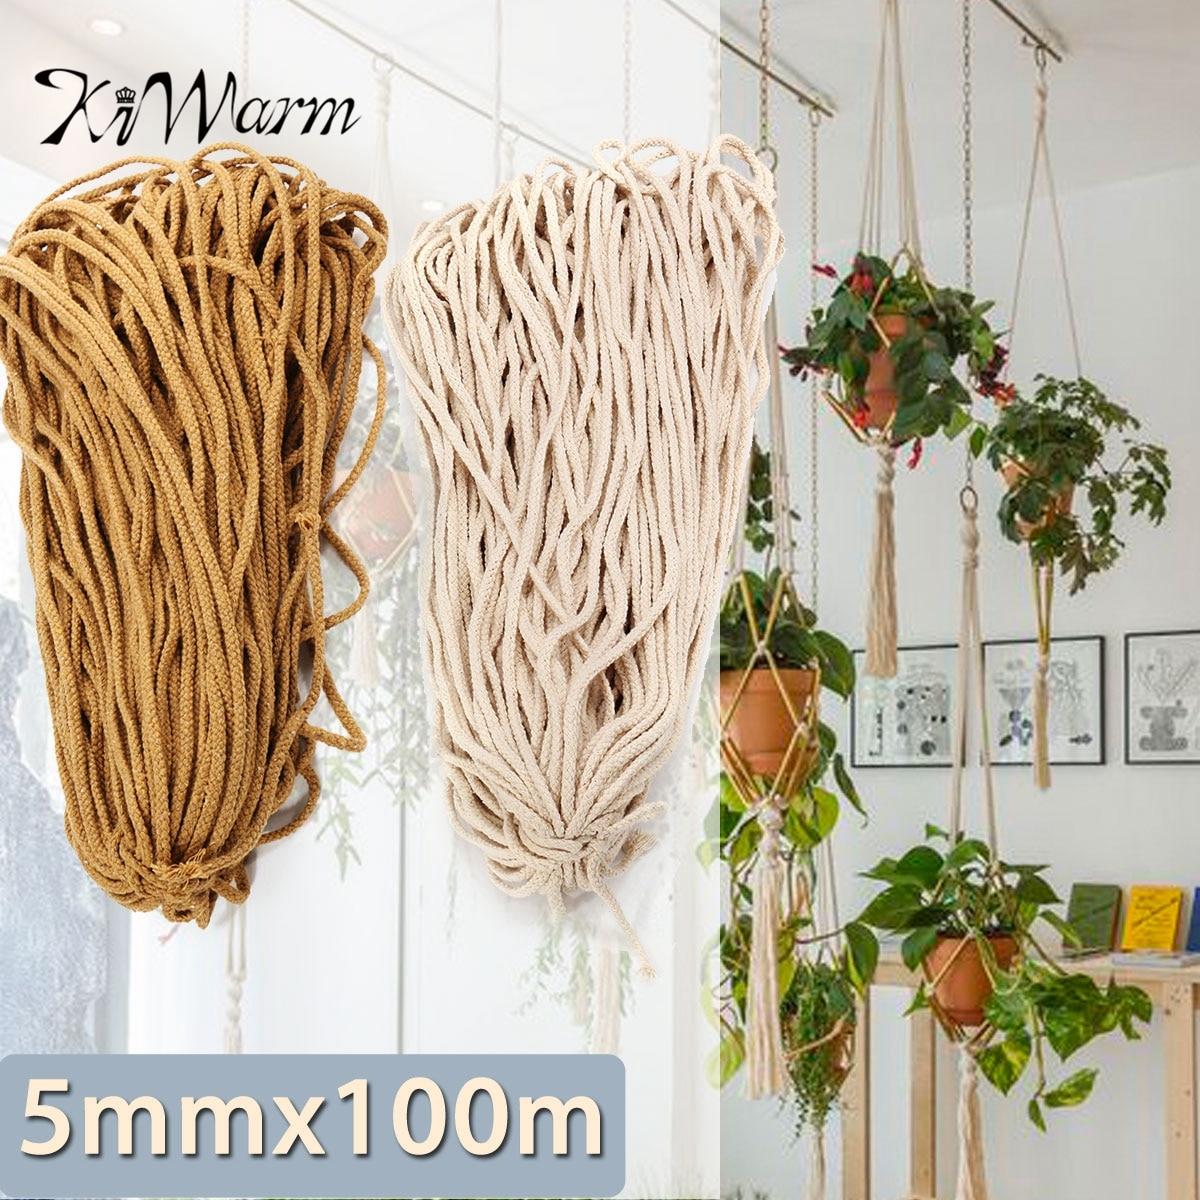 KIWARM 5mmx 100 m Geflochtene Baumwolle Seil Verdreht Schnur Seil DIY Handwerk Macrame Woven String Home Textil Zubehör Handwerk Geschenk